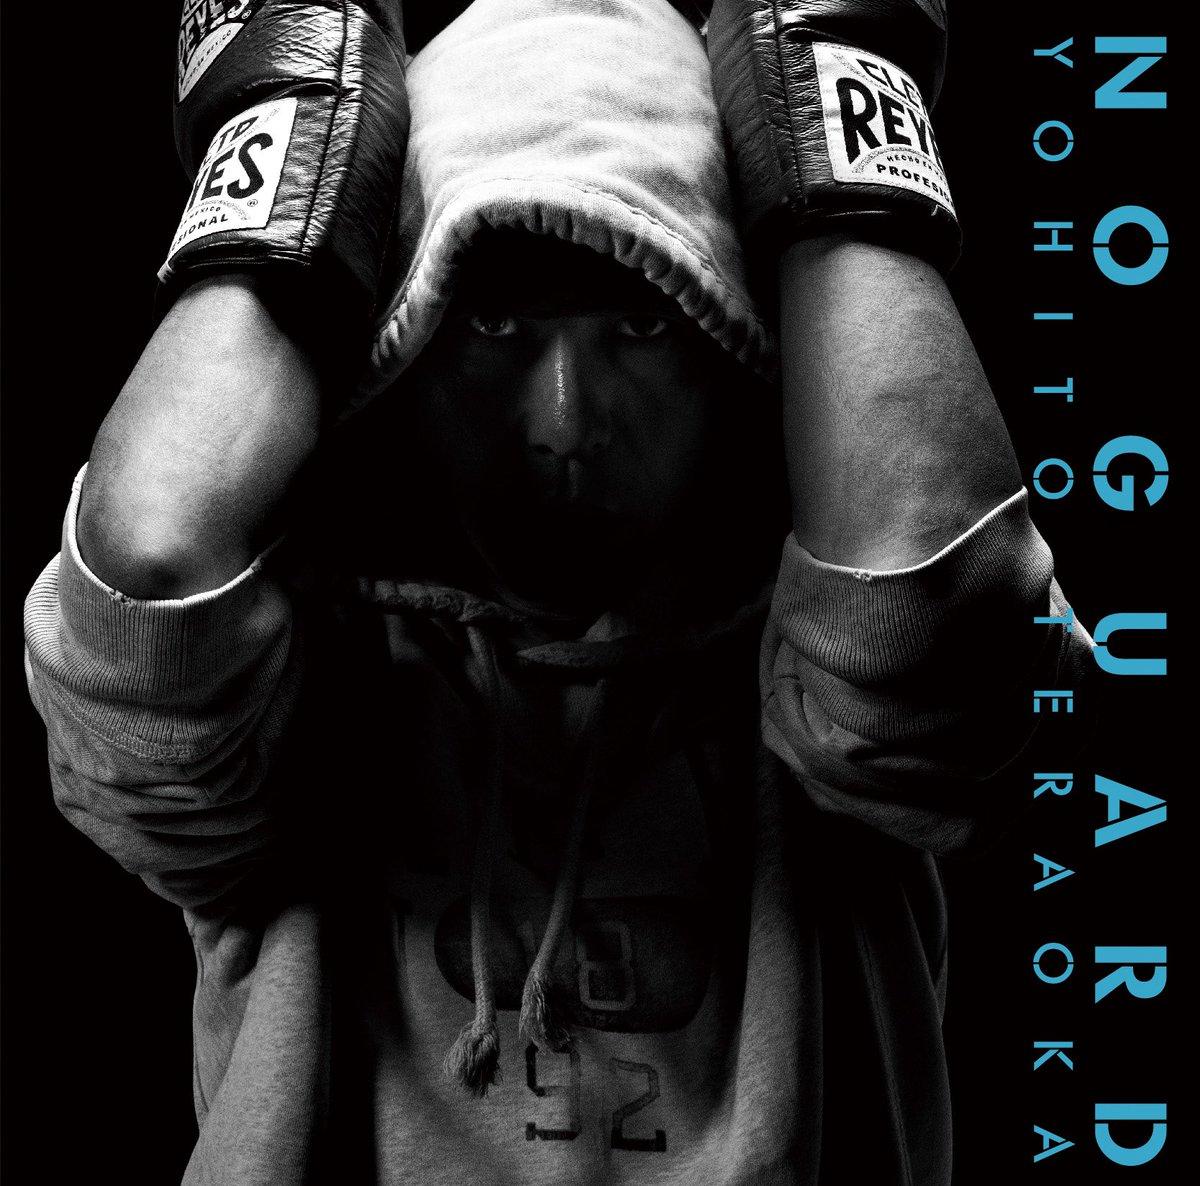 寺岡呼人ニューアルバム「NO GUARD」リリース決定!一年半ぶりの14枚目のソロアルバム「NO GUARD」を11月27日にリリースすることが決定しました!何卒、お見知りおきを!#寺岡呼人#noguard